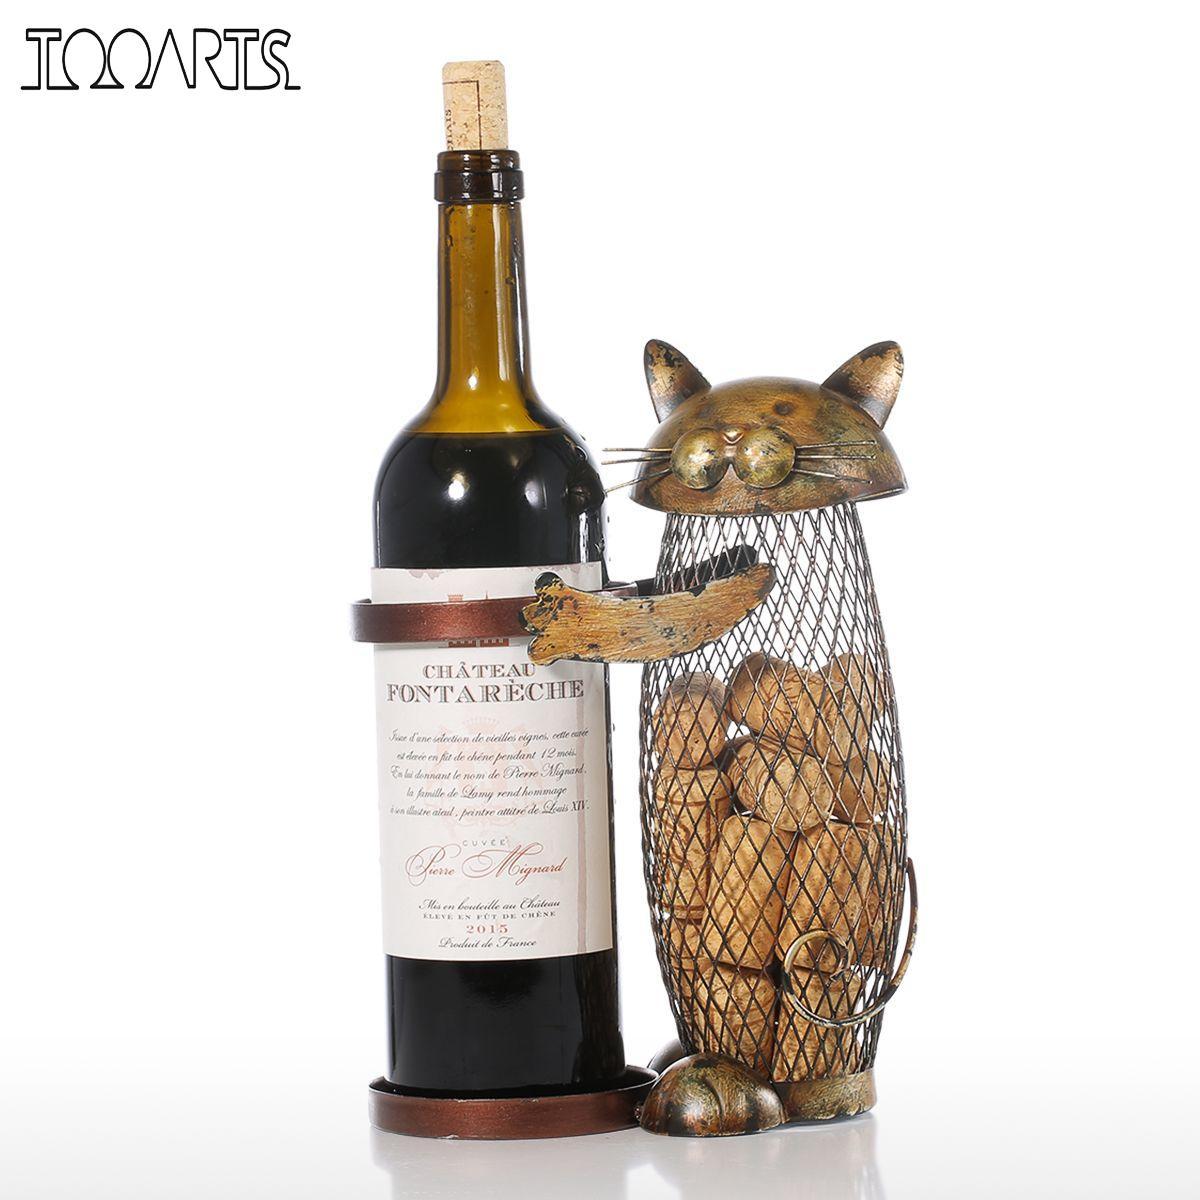 Tooarts Chat Rouge Casier à Vin Liège Conteneur Porte-Bouteille Cuisine Bar Affichage En Métal Vin Artisanat Cadeau Tricot Animaux Vin Stand